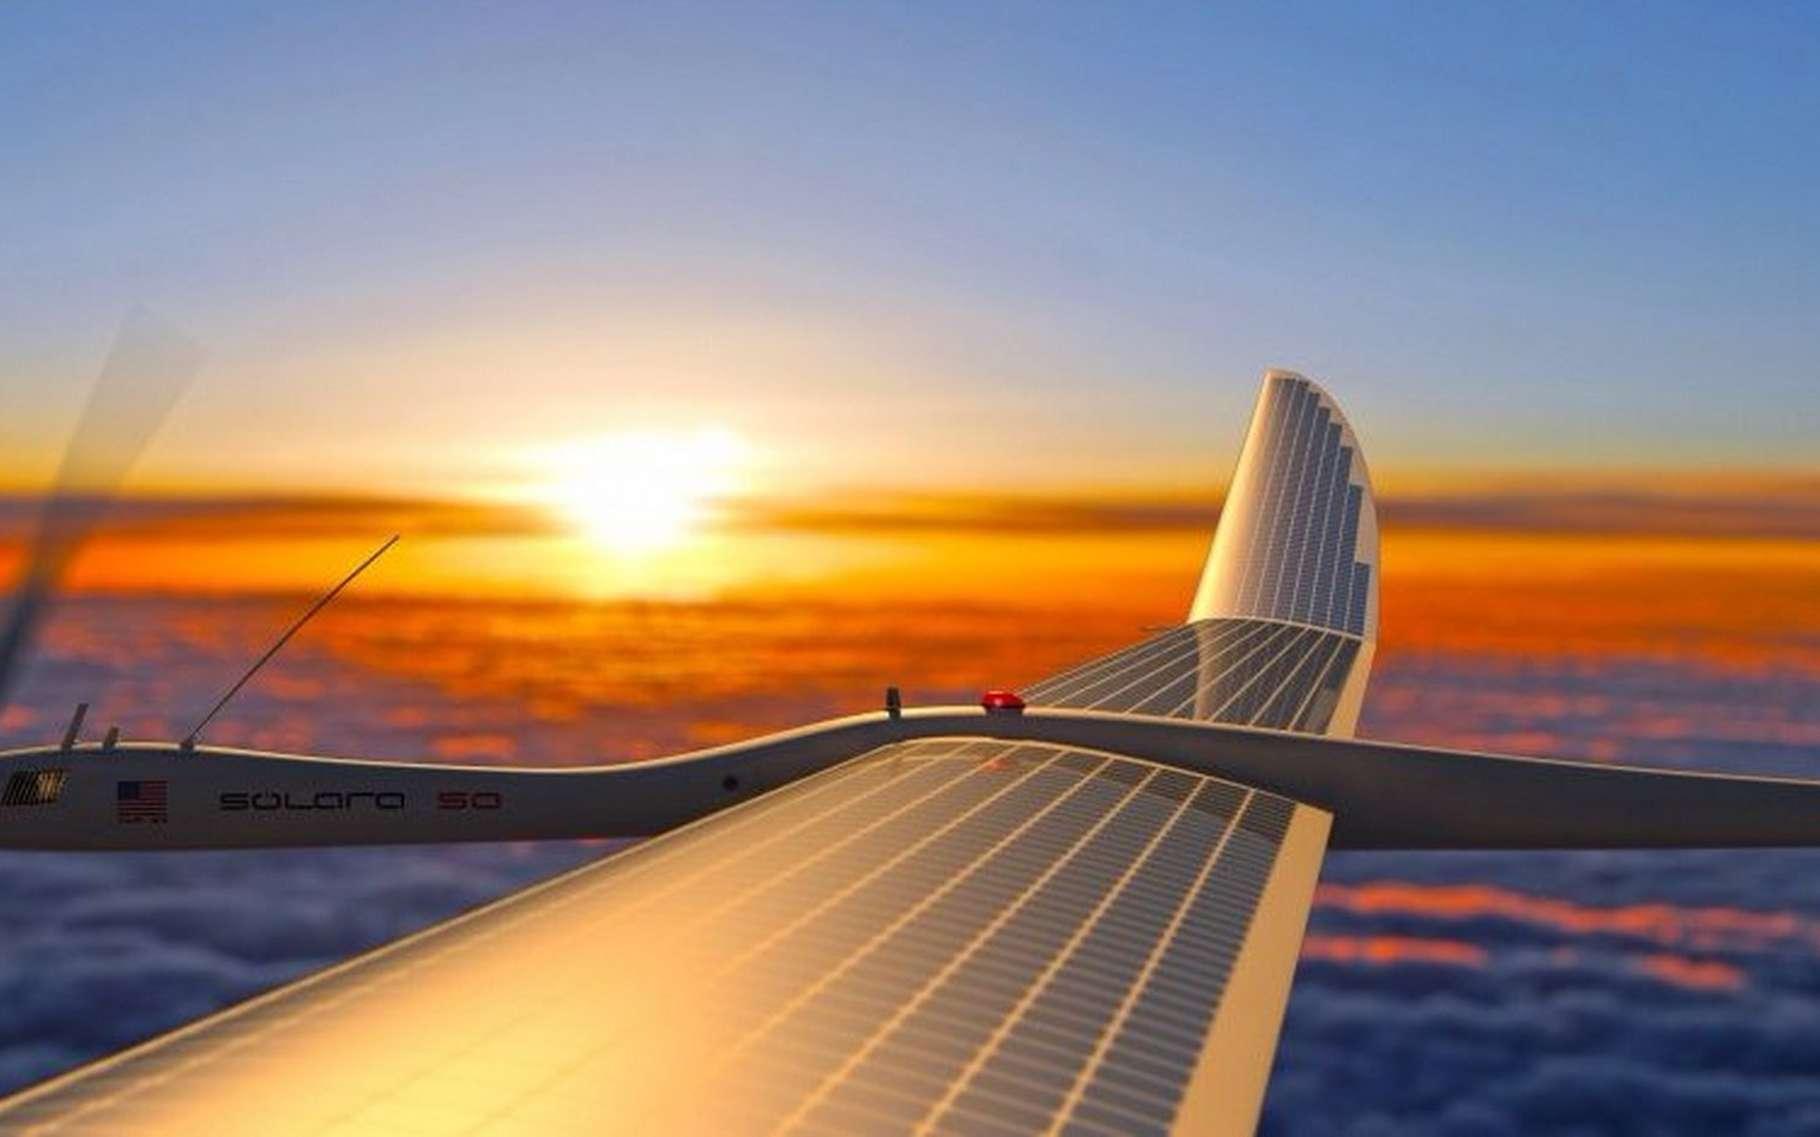 Google a acheté les drones solaires Titan Aerospace en 2014. La société comptait les utiliser pour améliorer l'accès à Internet dans les zones reculées. © Titan Aerospace